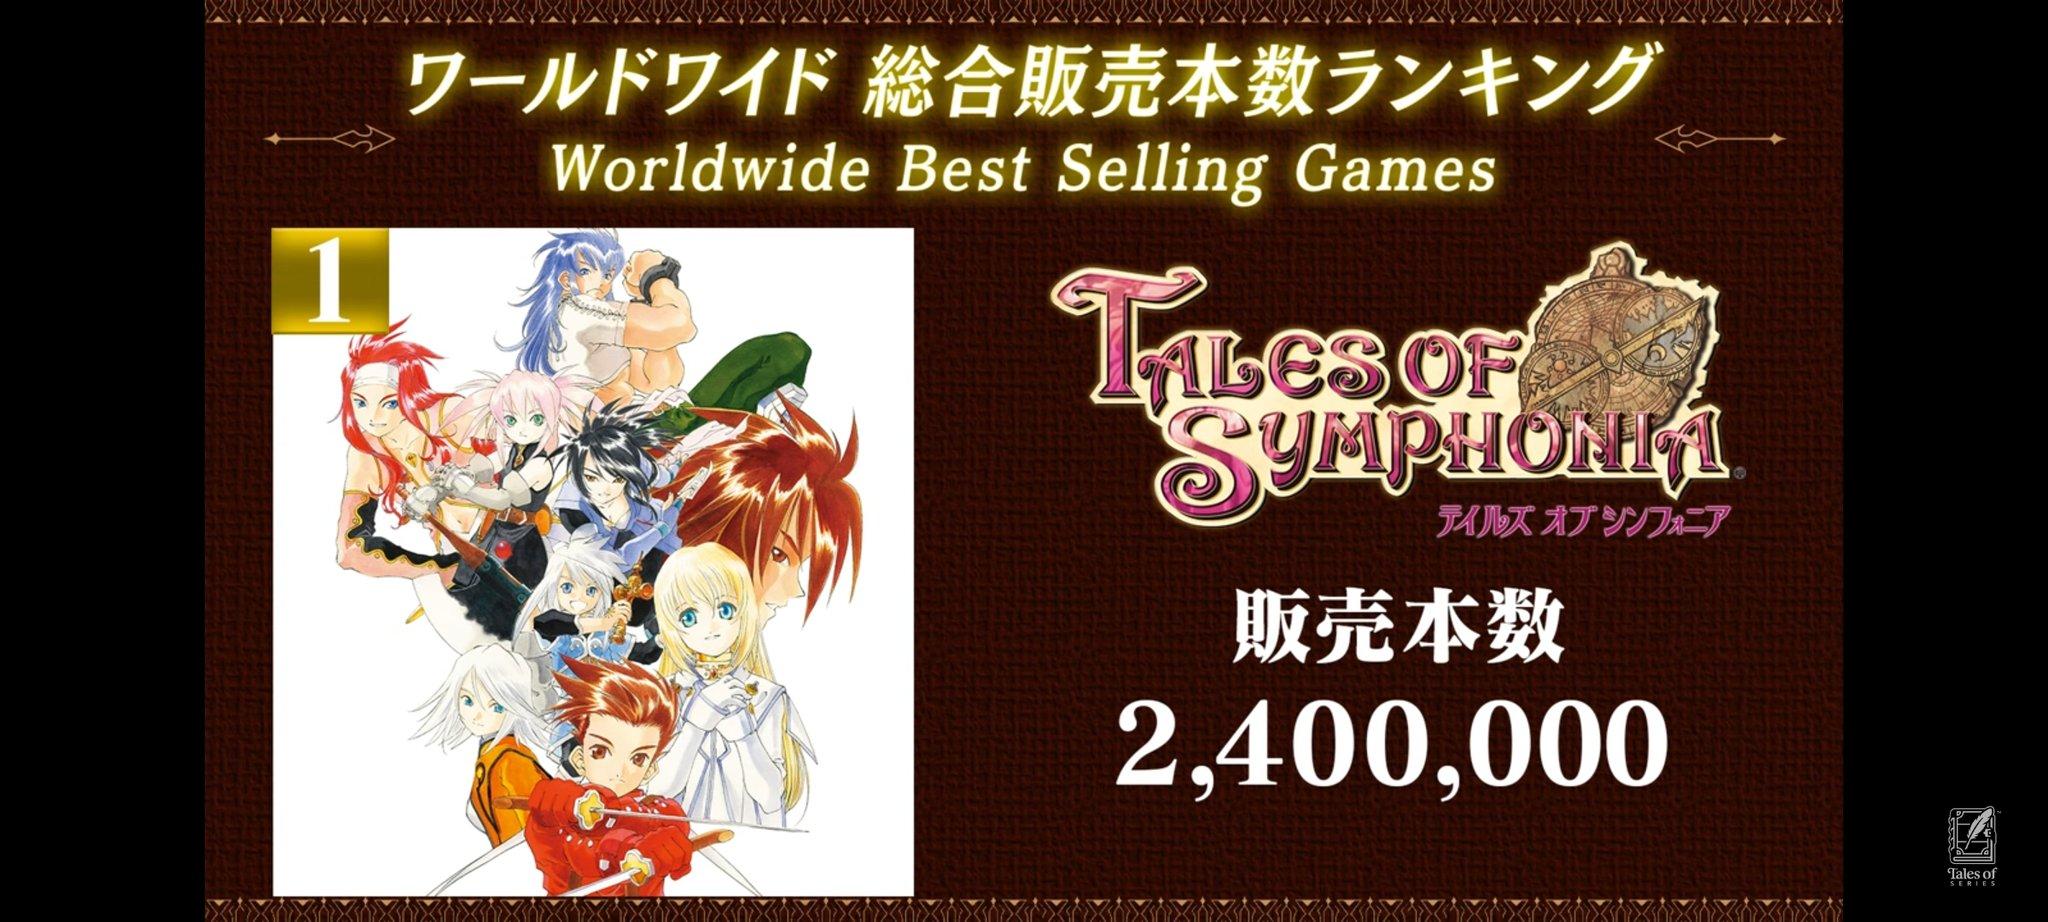 Revelados los juegos más vendidos de Tales of